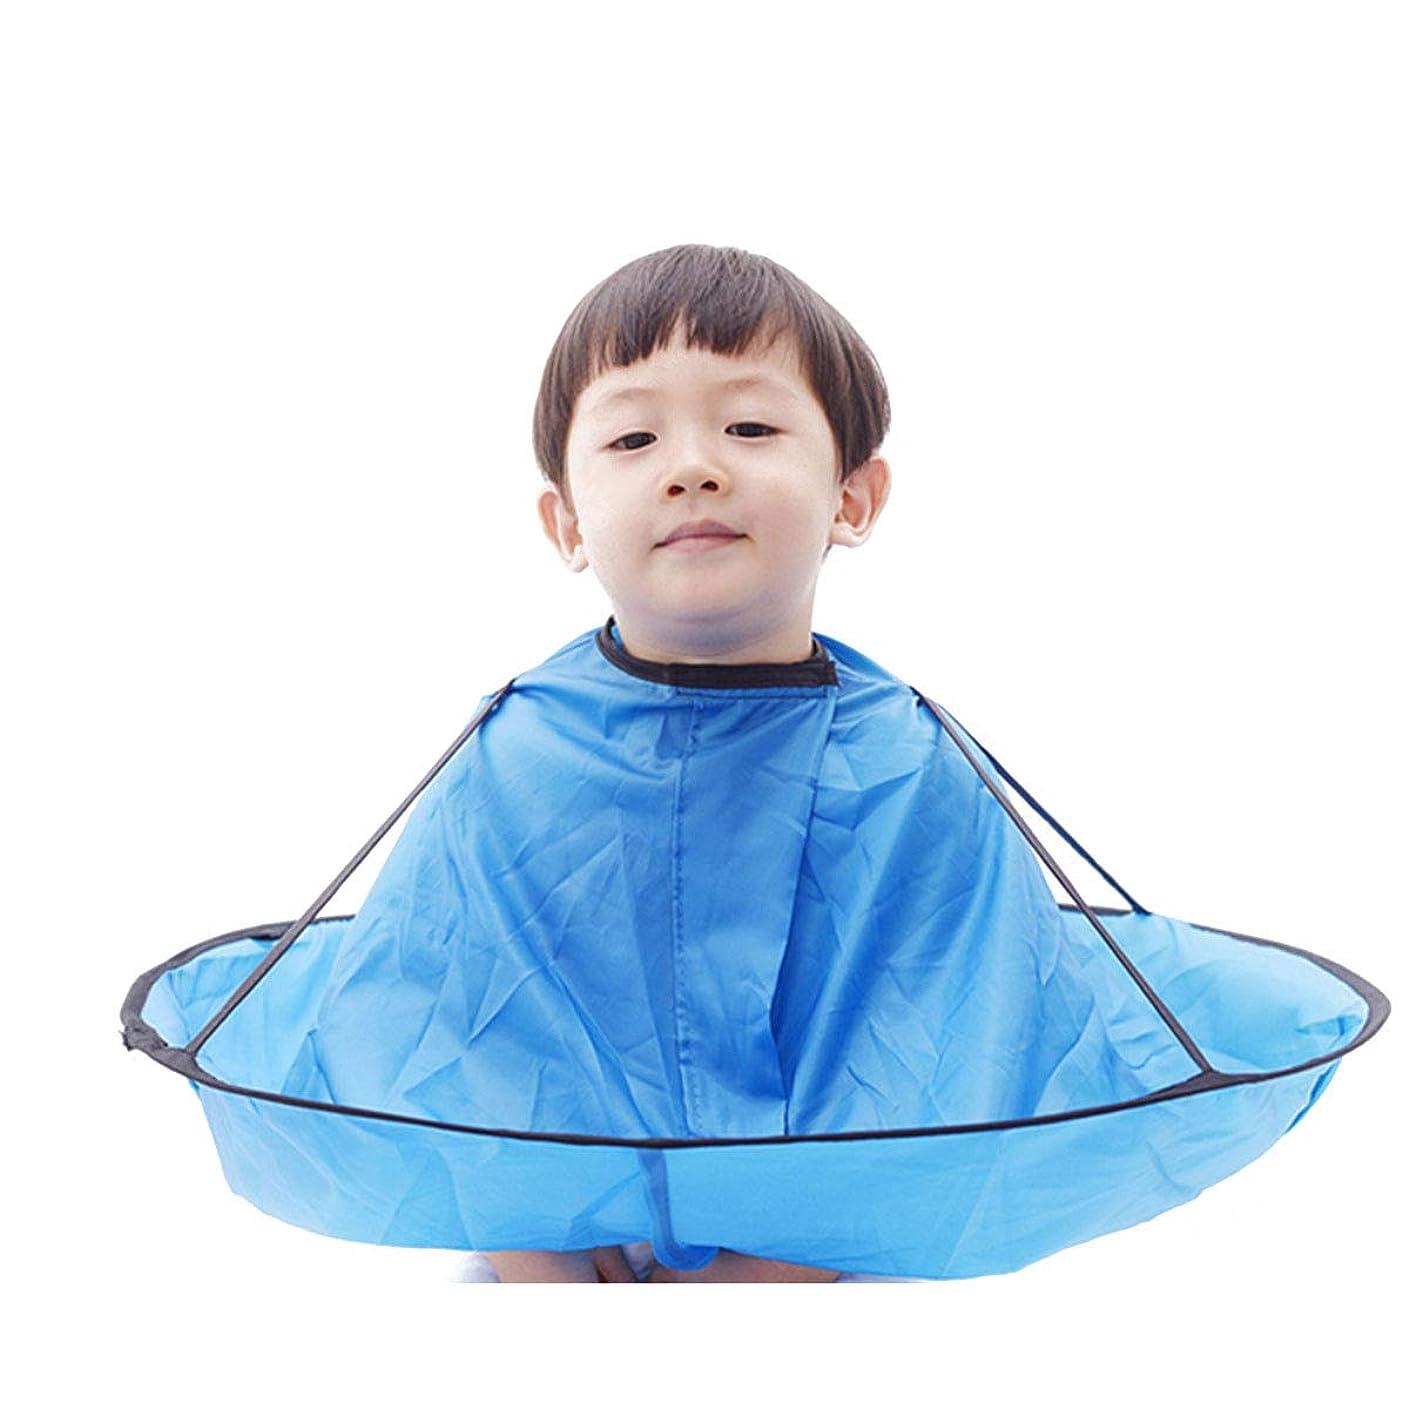 キロメートル破壊する卵子供 散髪ケープ ヘアエプロン 散髪マント 刈布 ケープ 散髪道具 防水 (青)